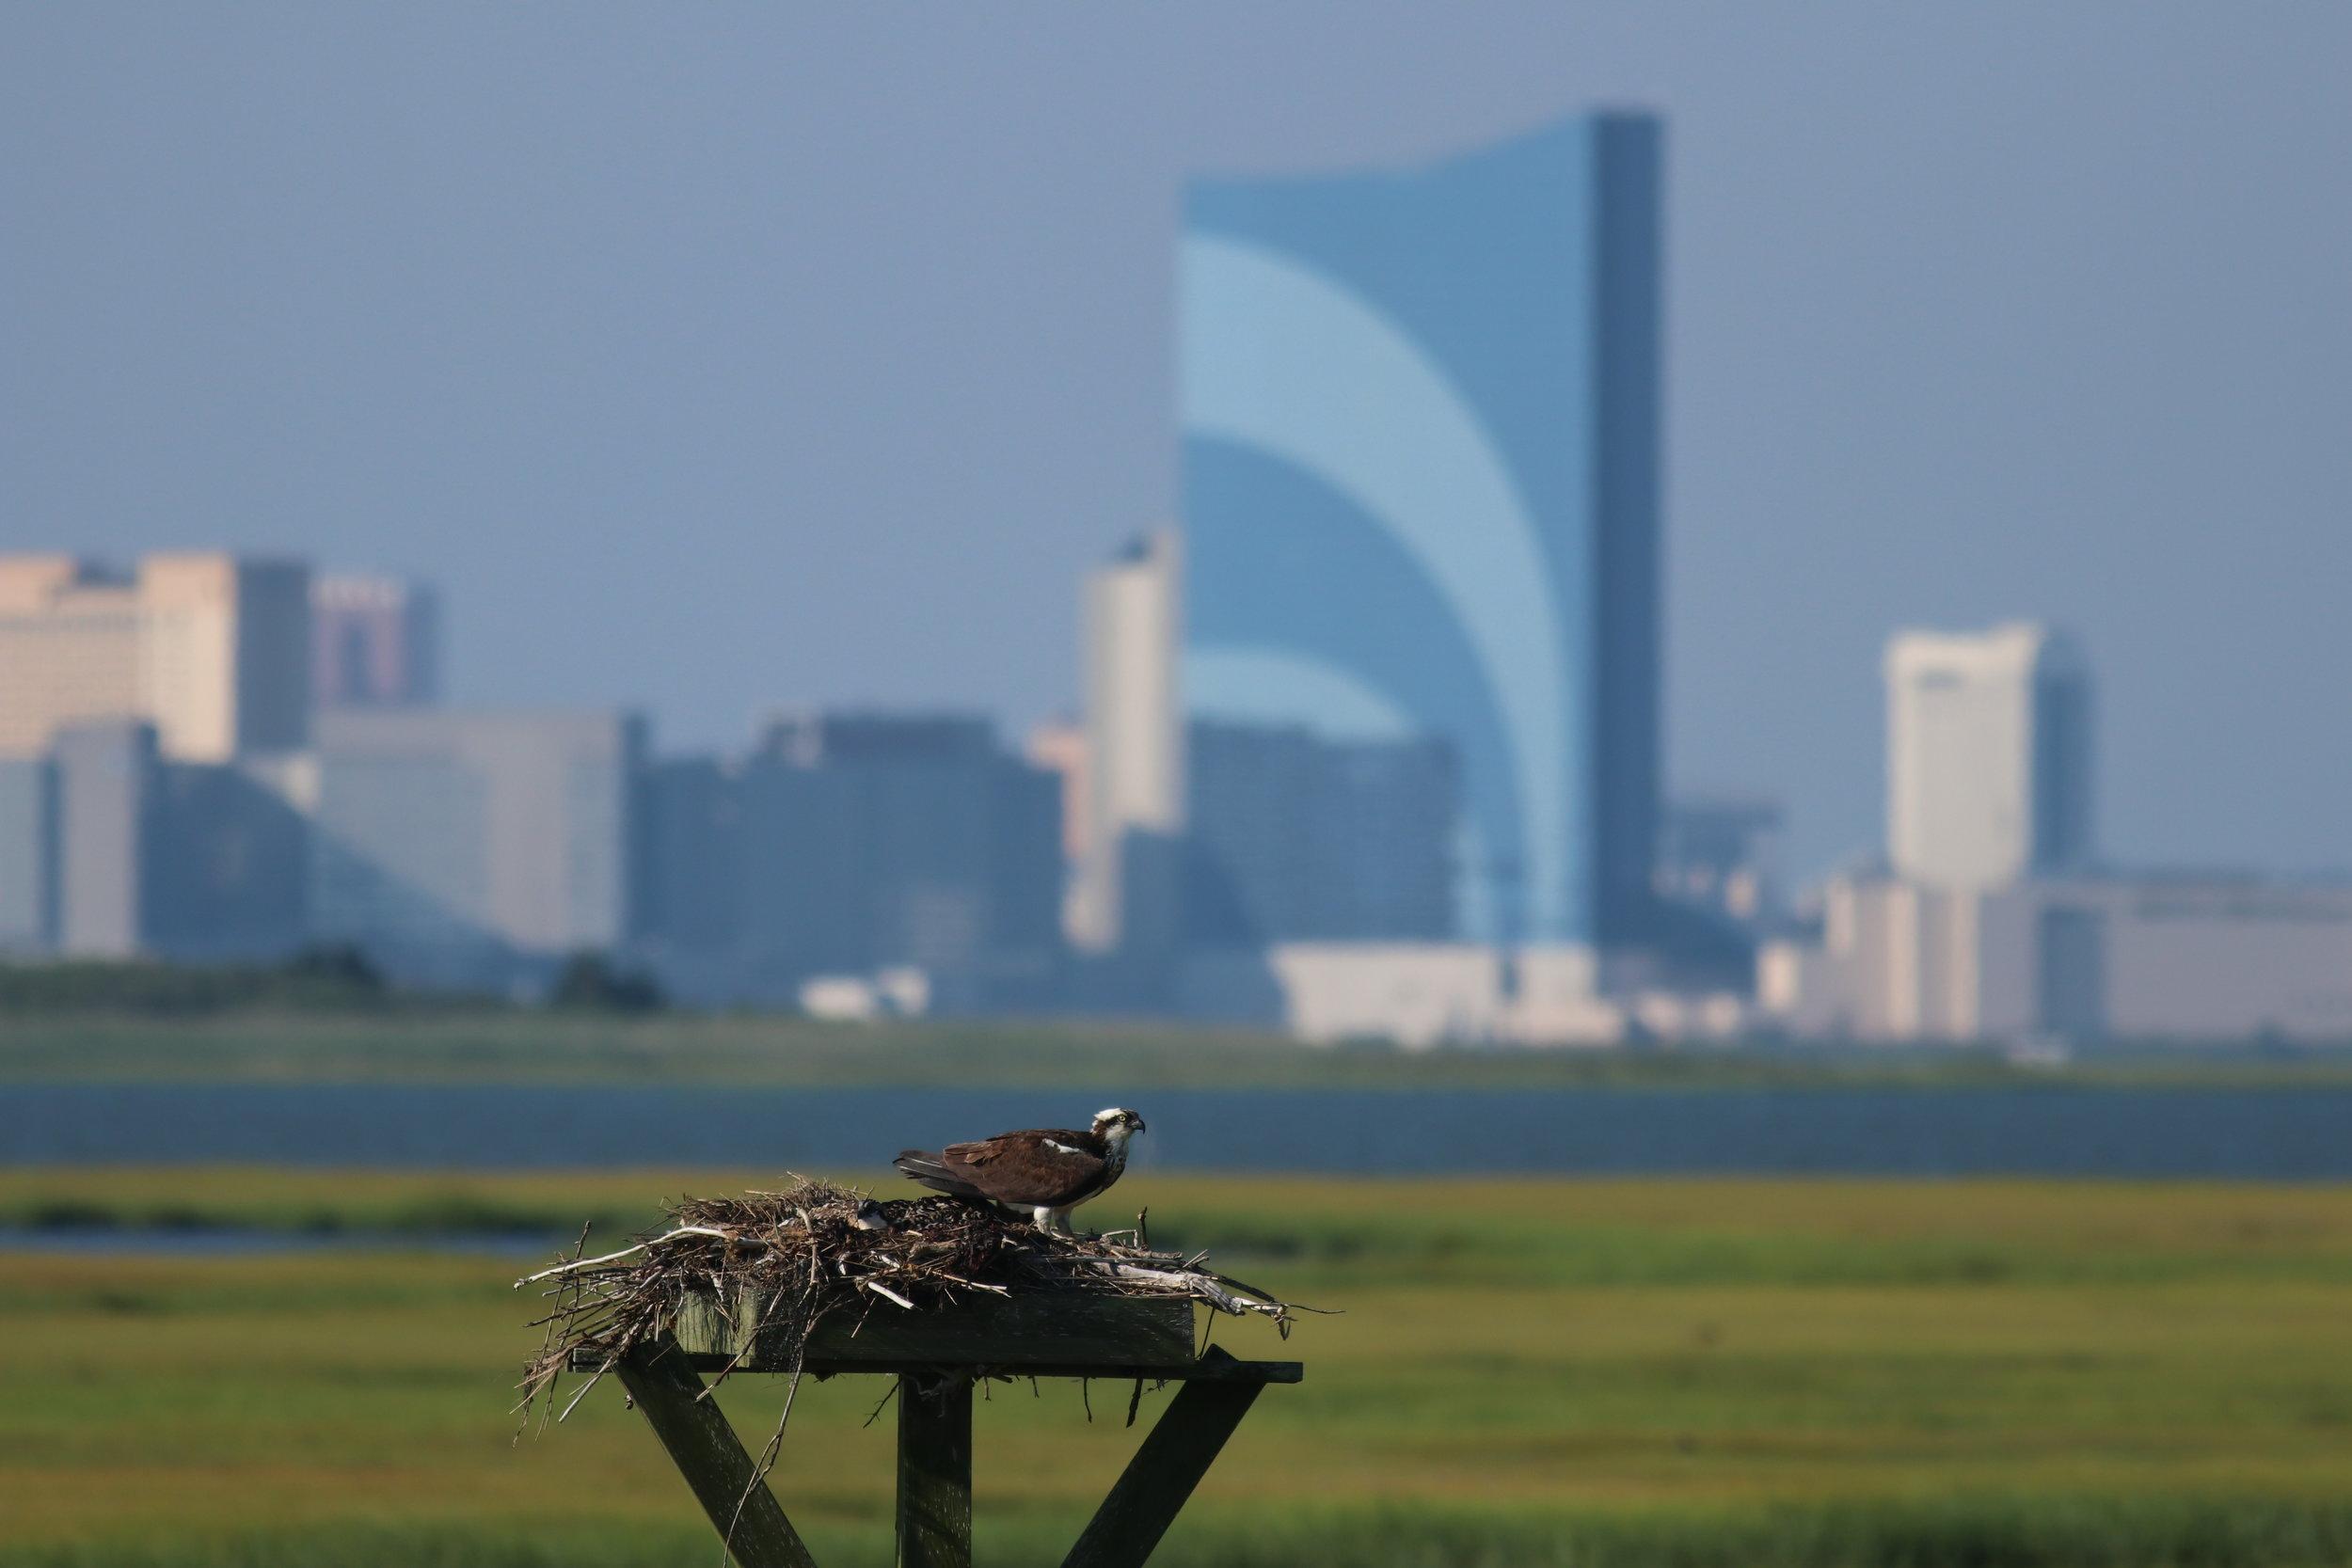 Osprey or Fish Hawk